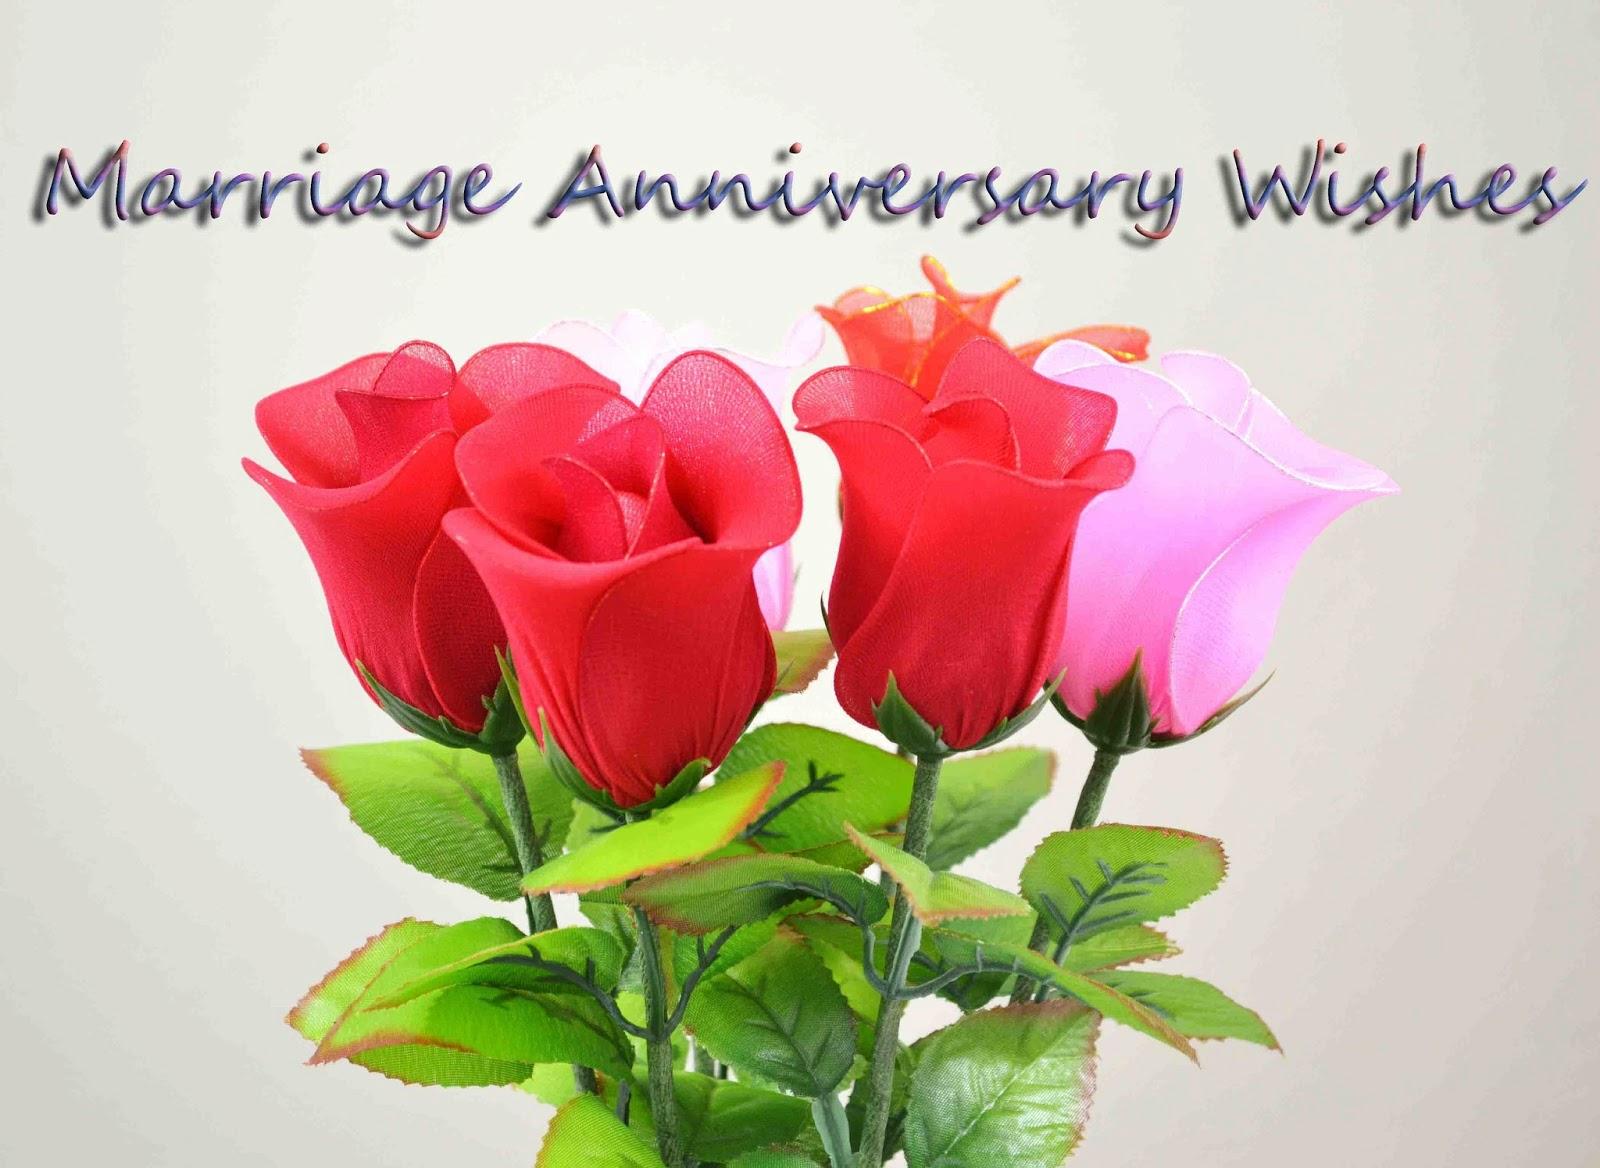 web stranice za vjenčanja s brakom non drinker koji se druži s pijetlom